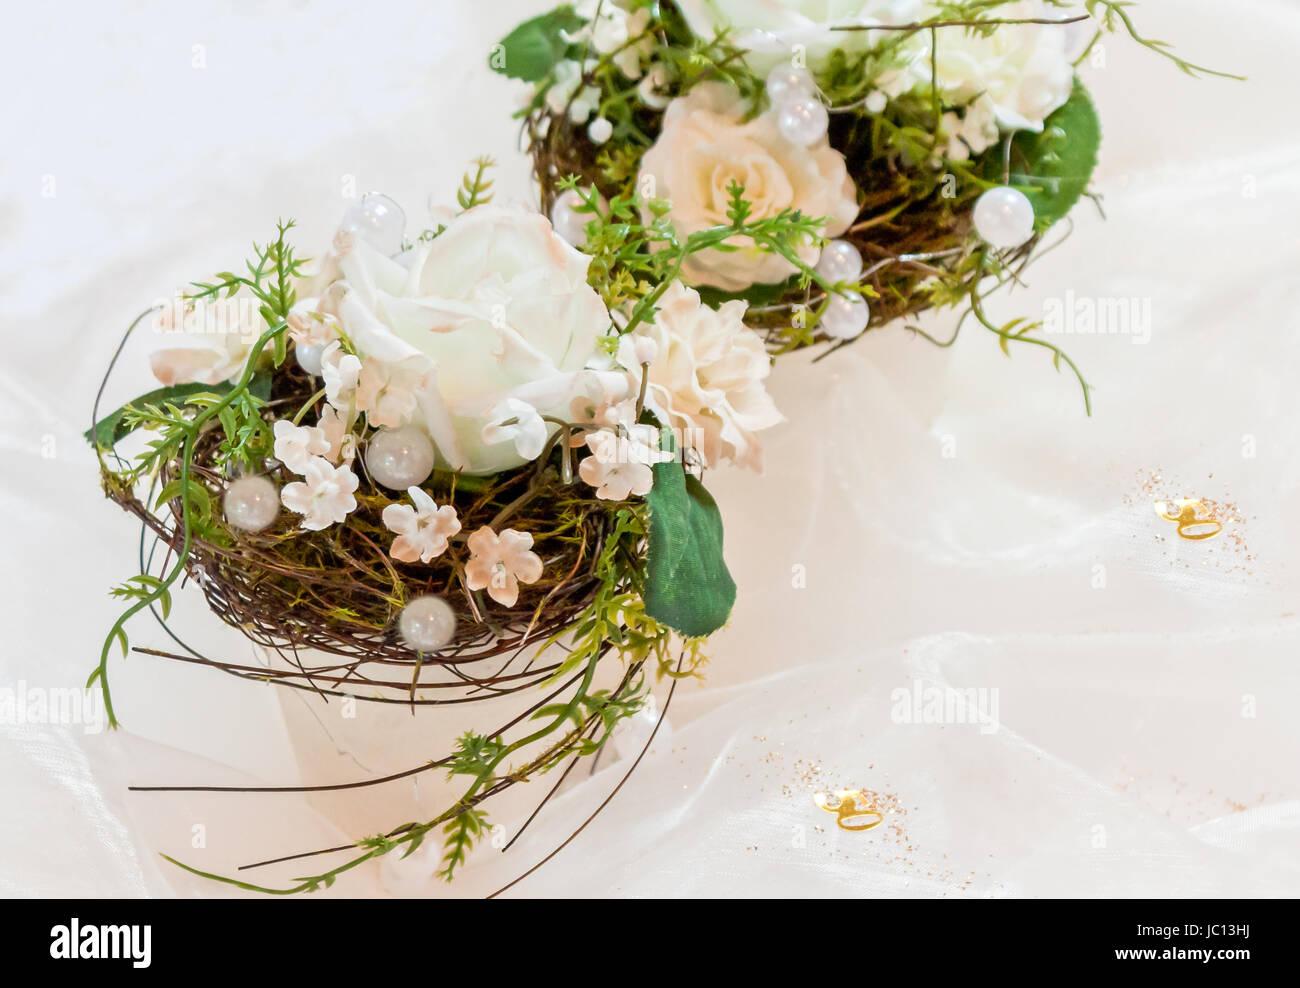 Festliche Tischdekoration In Cremeweiss Zur Goldenen Hochzeit